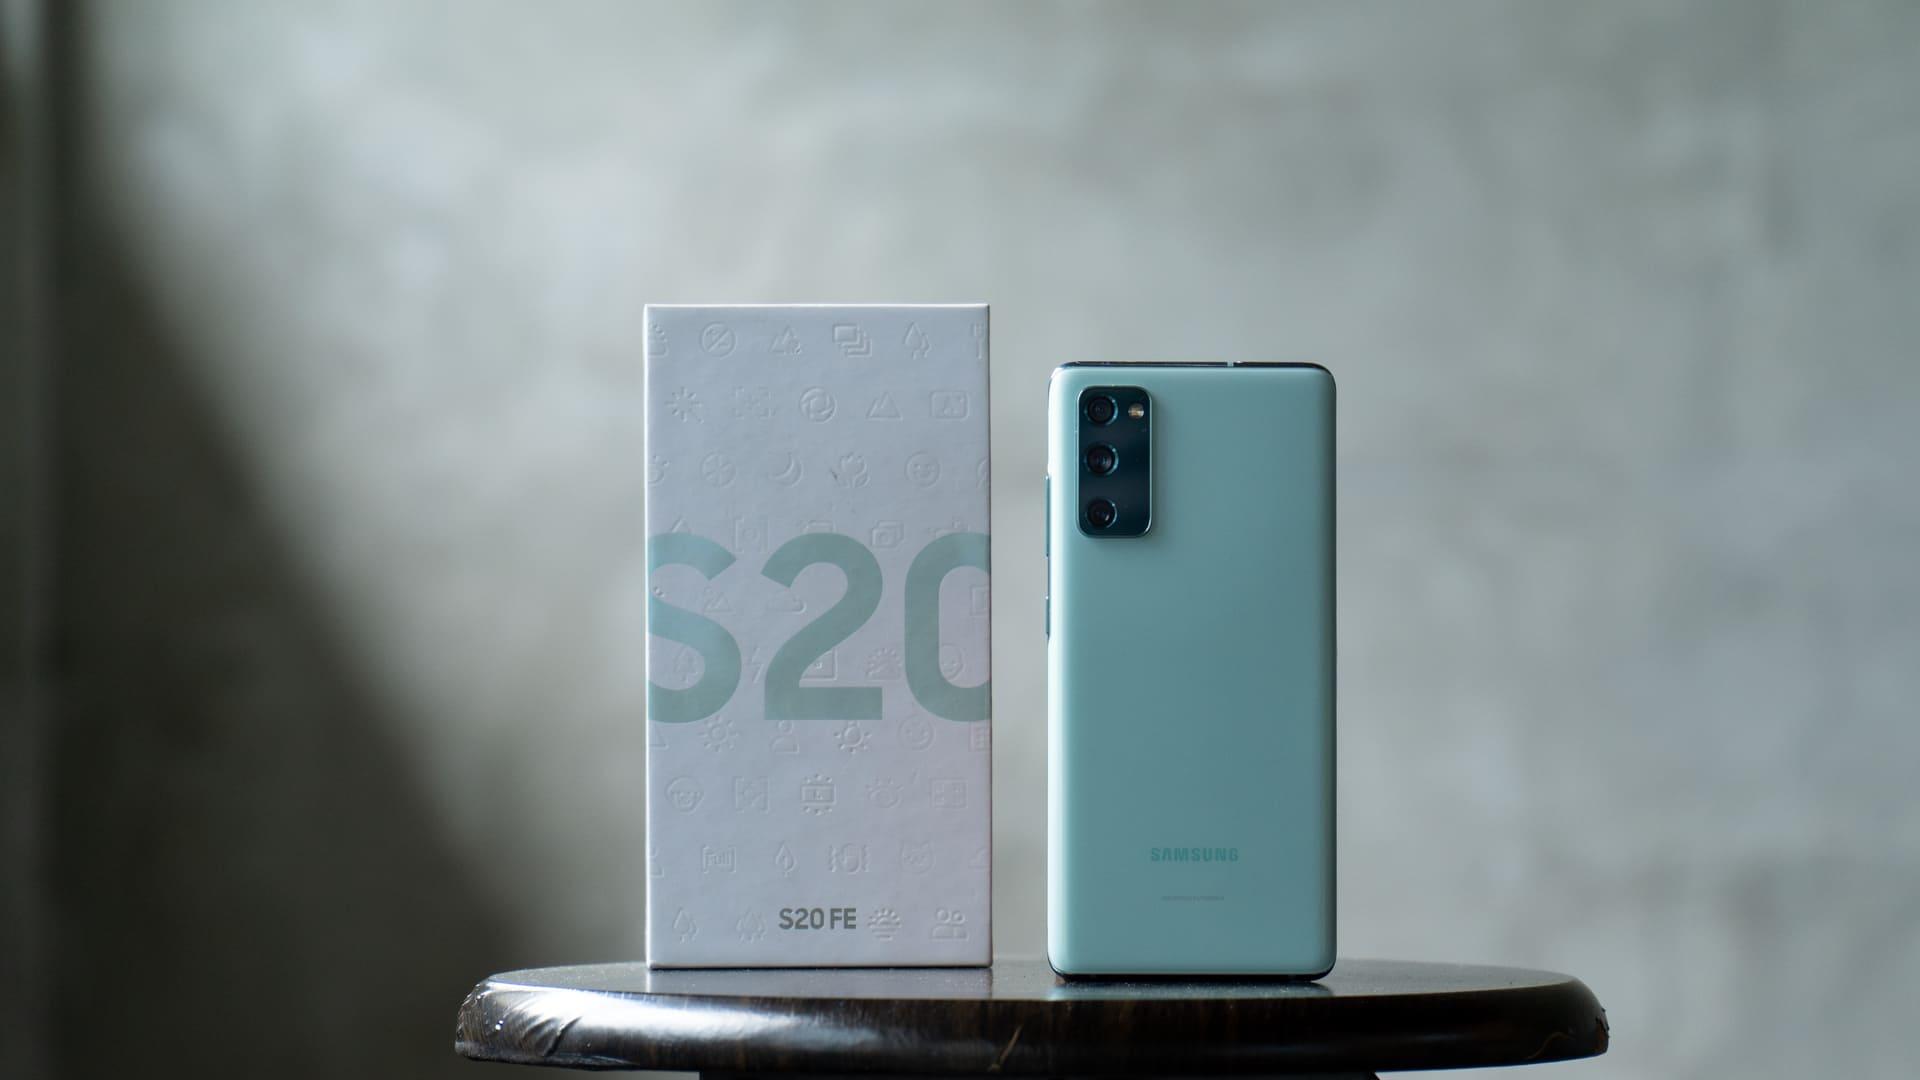 O Galaxy S20 FE é uma versão mais acessível da linha Samsung Galaxy S da geração 2020 (Foto: Shutterstock)